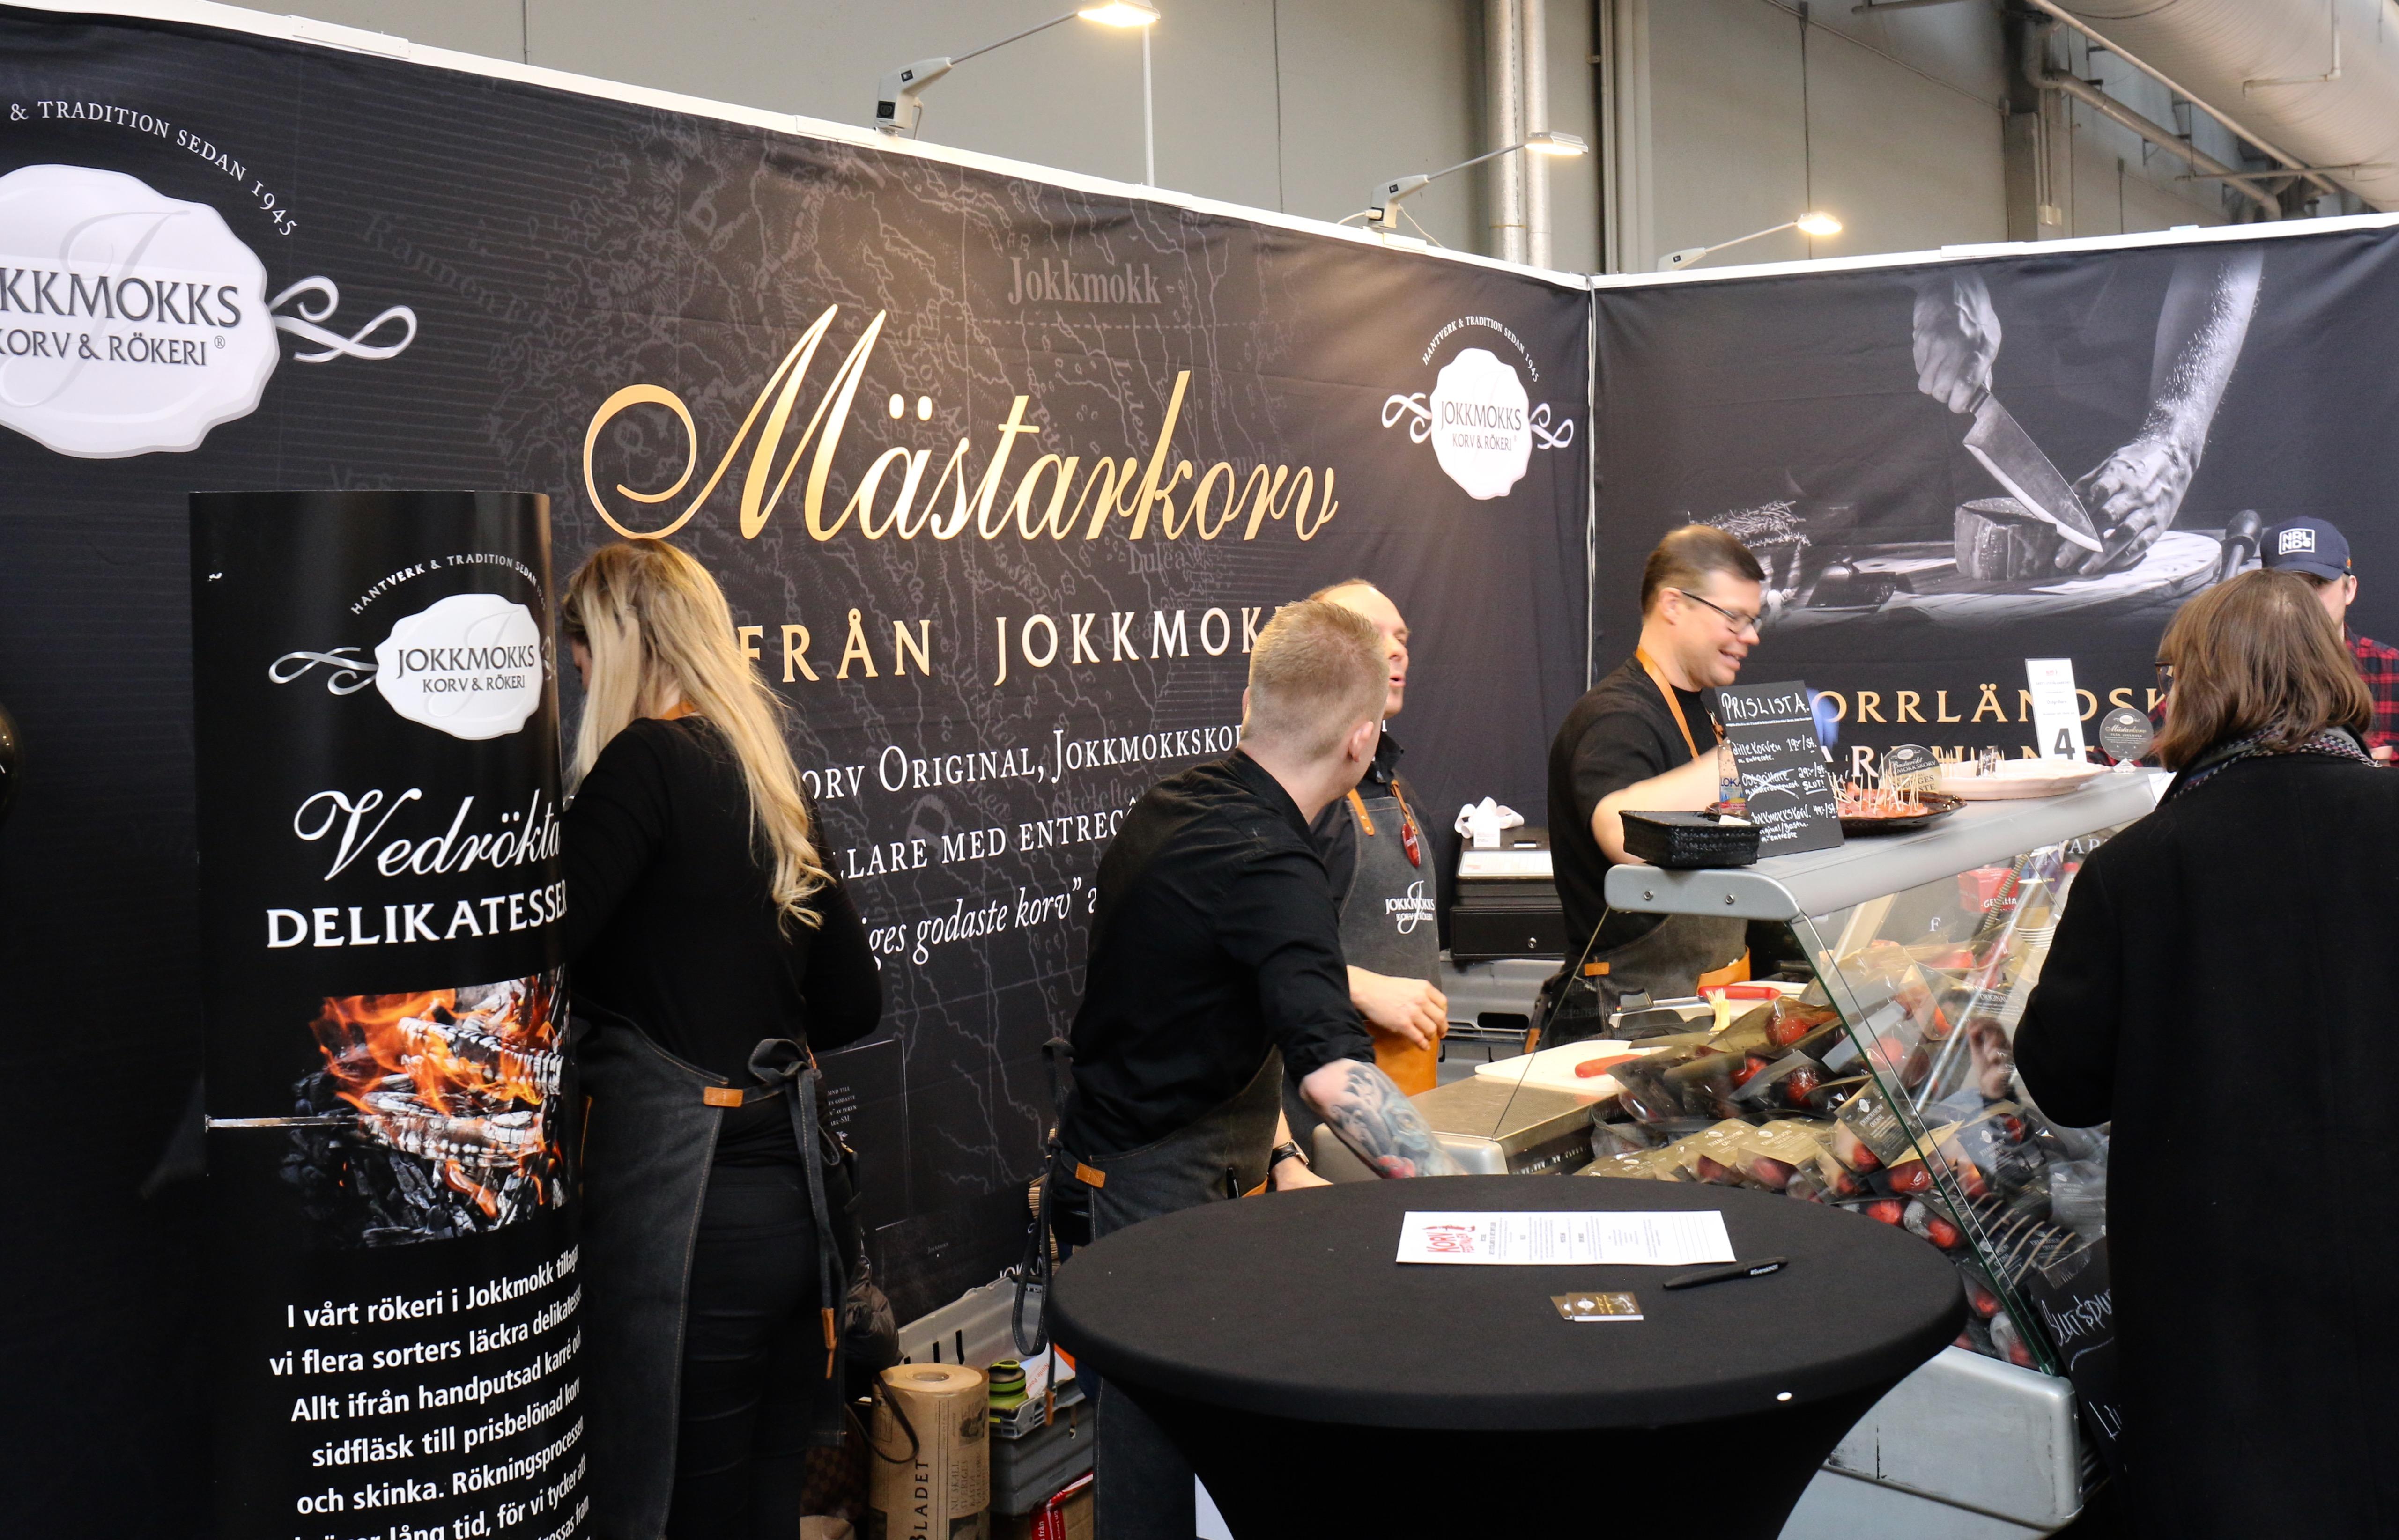 Korvfestivalen 2018